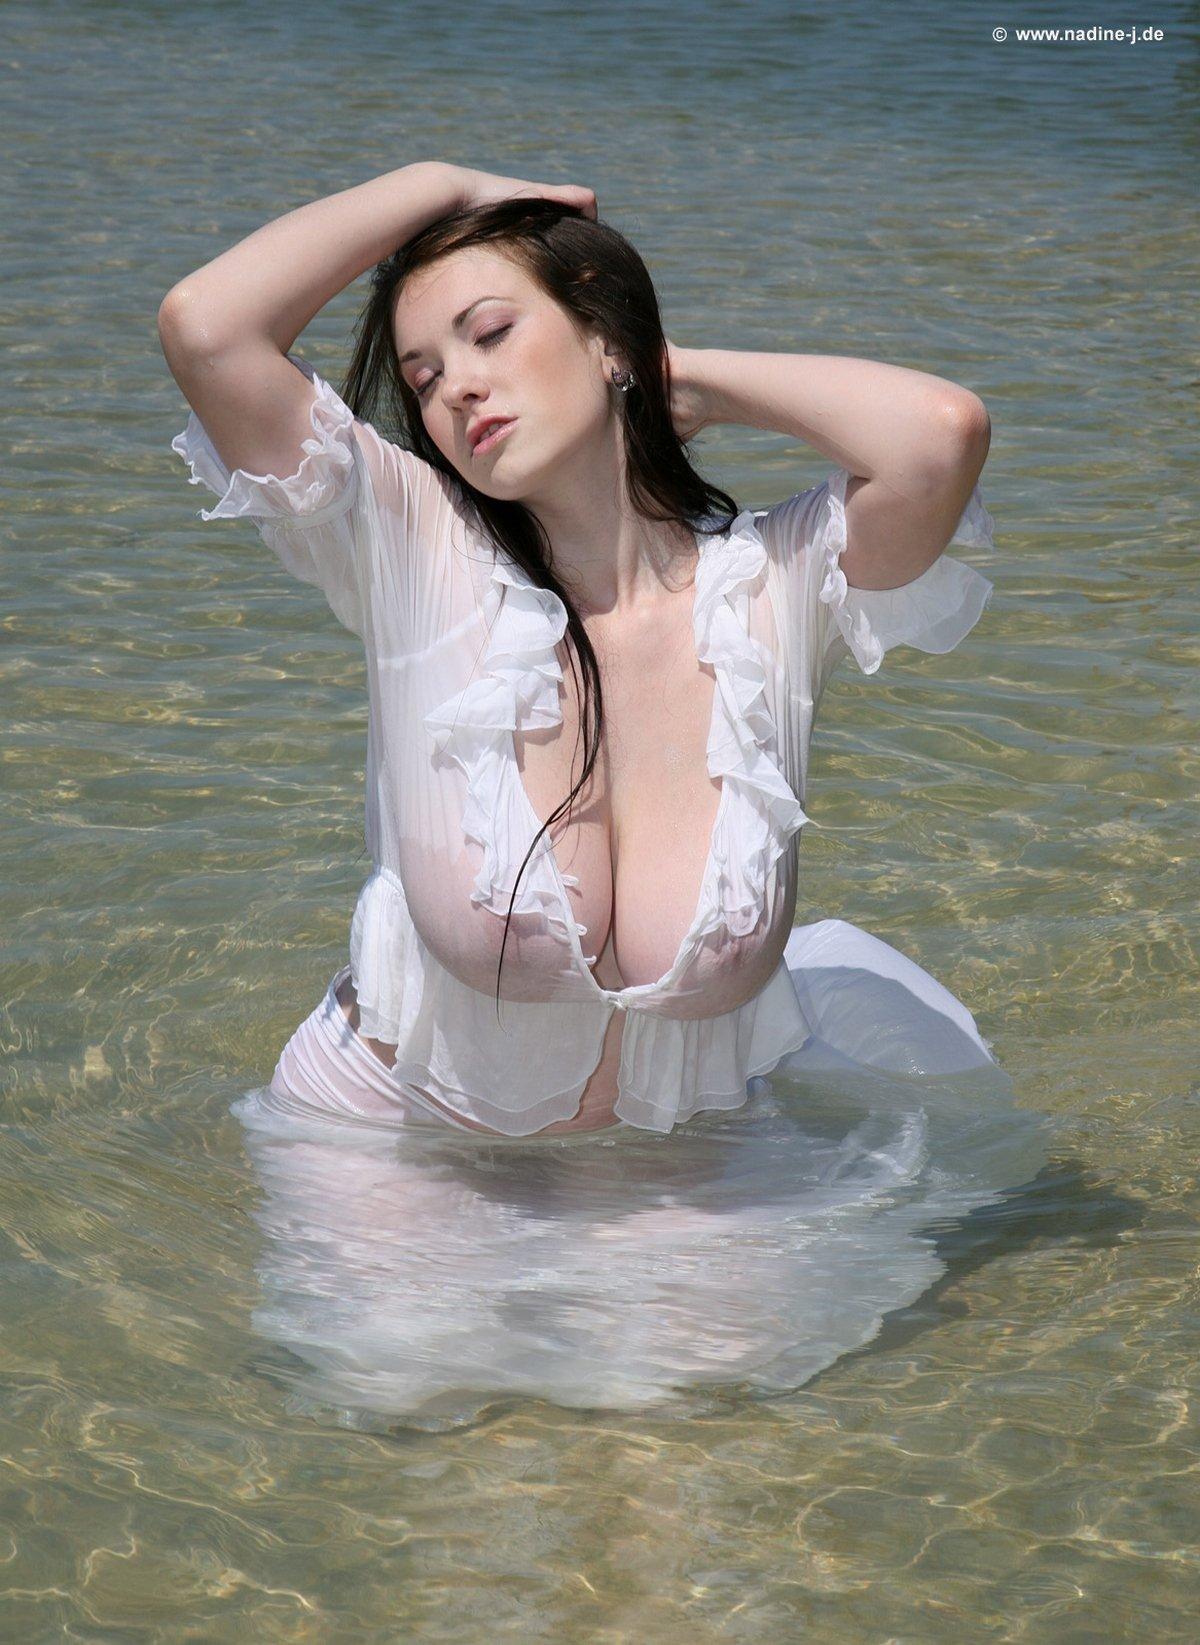 Сексуальная пышка с большими сиськами купается в мое в одежде